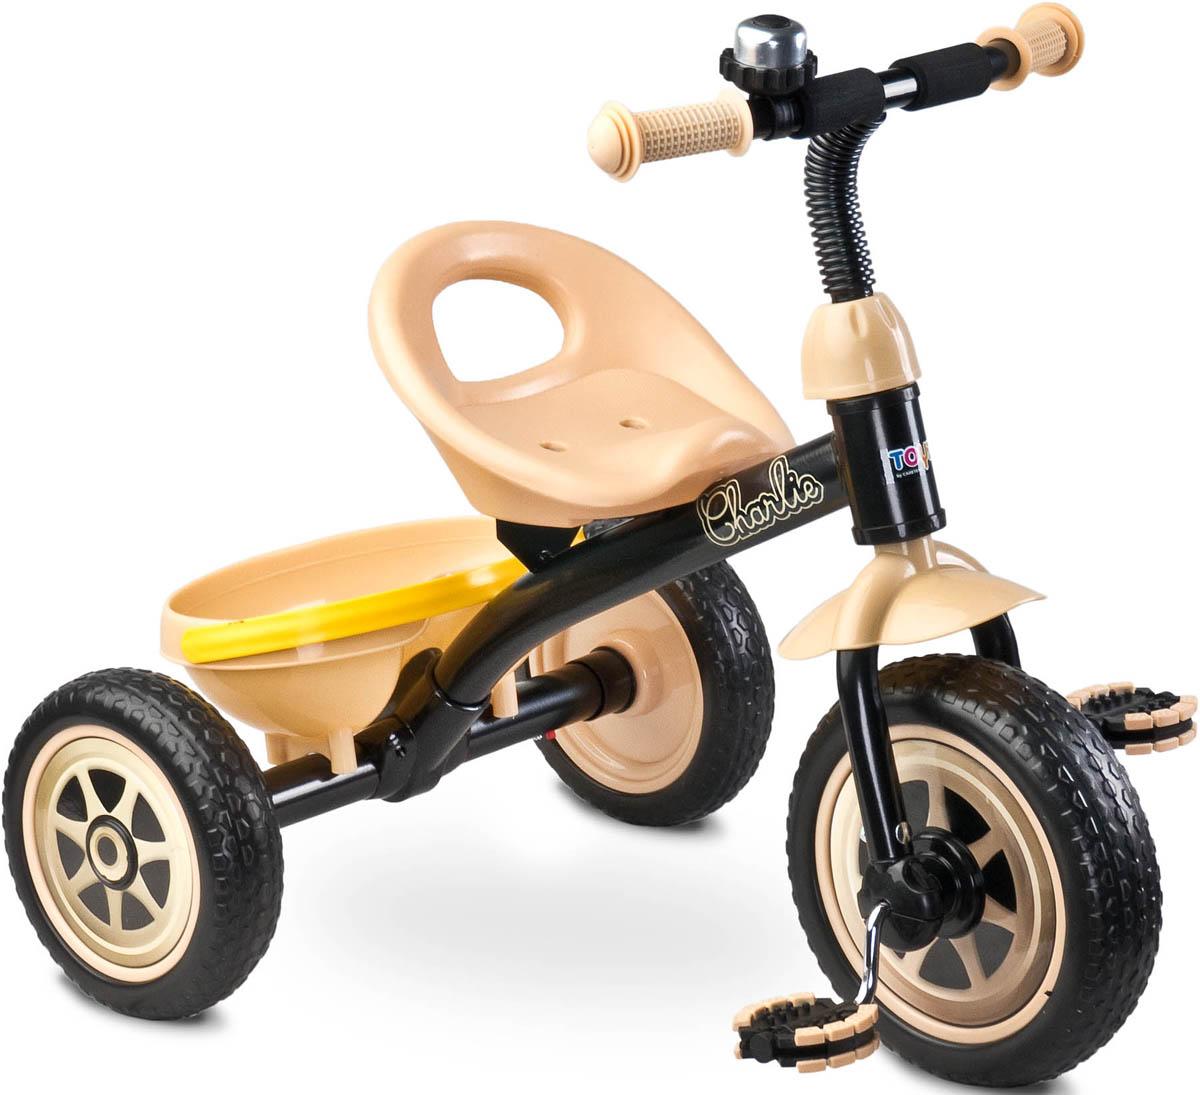 Caretero Велосипед трехколесный детский Charlie цвет бежевый